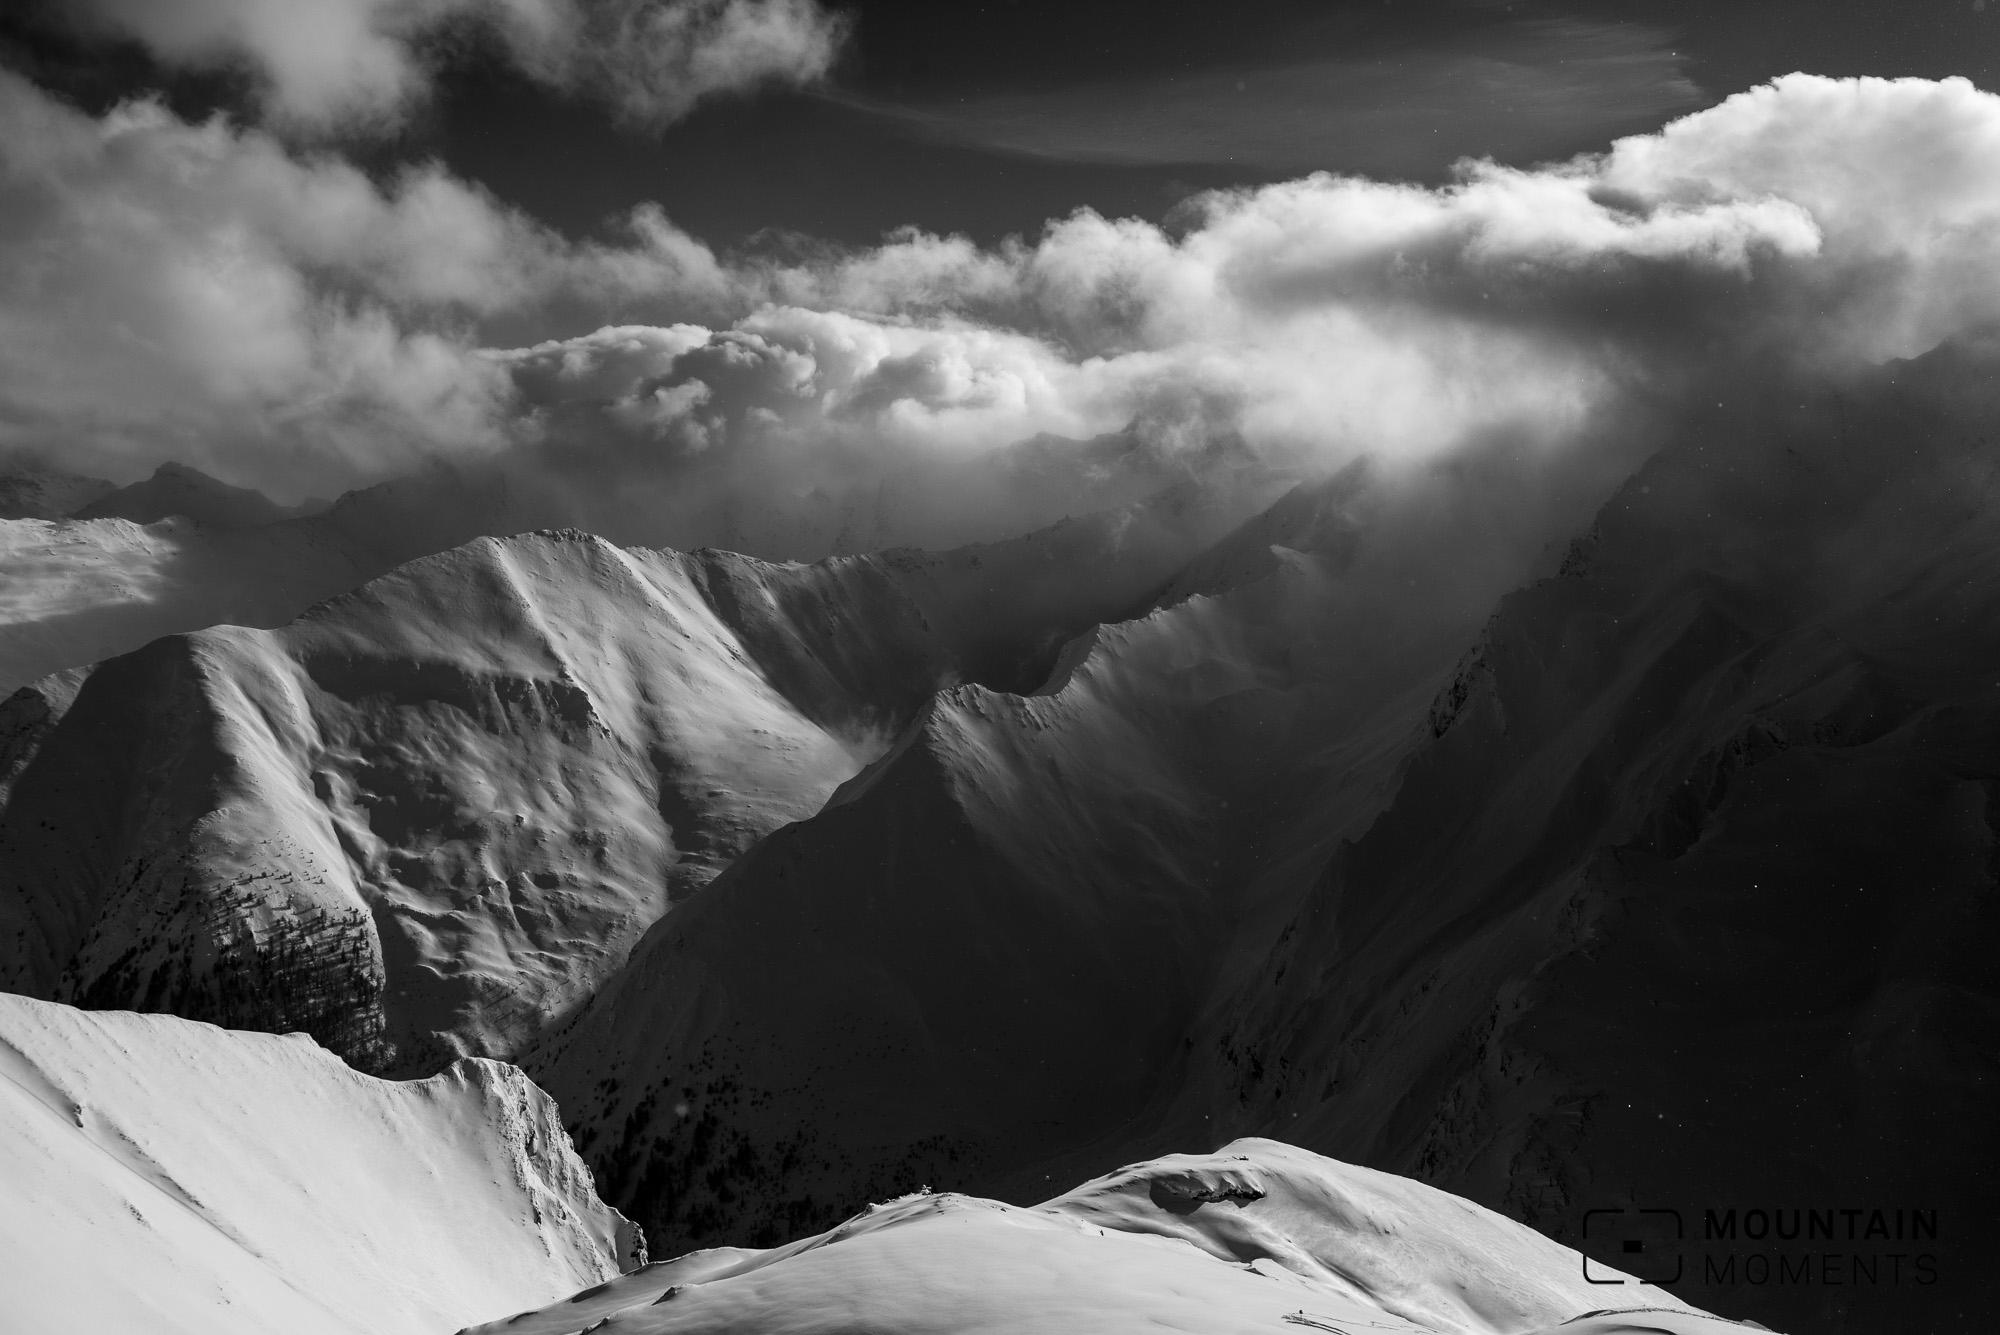 ischgl, paznaun, fotspots, mountains, berge, fotospots, fotolocations, samnaun, clouds, wolken, winterbilder